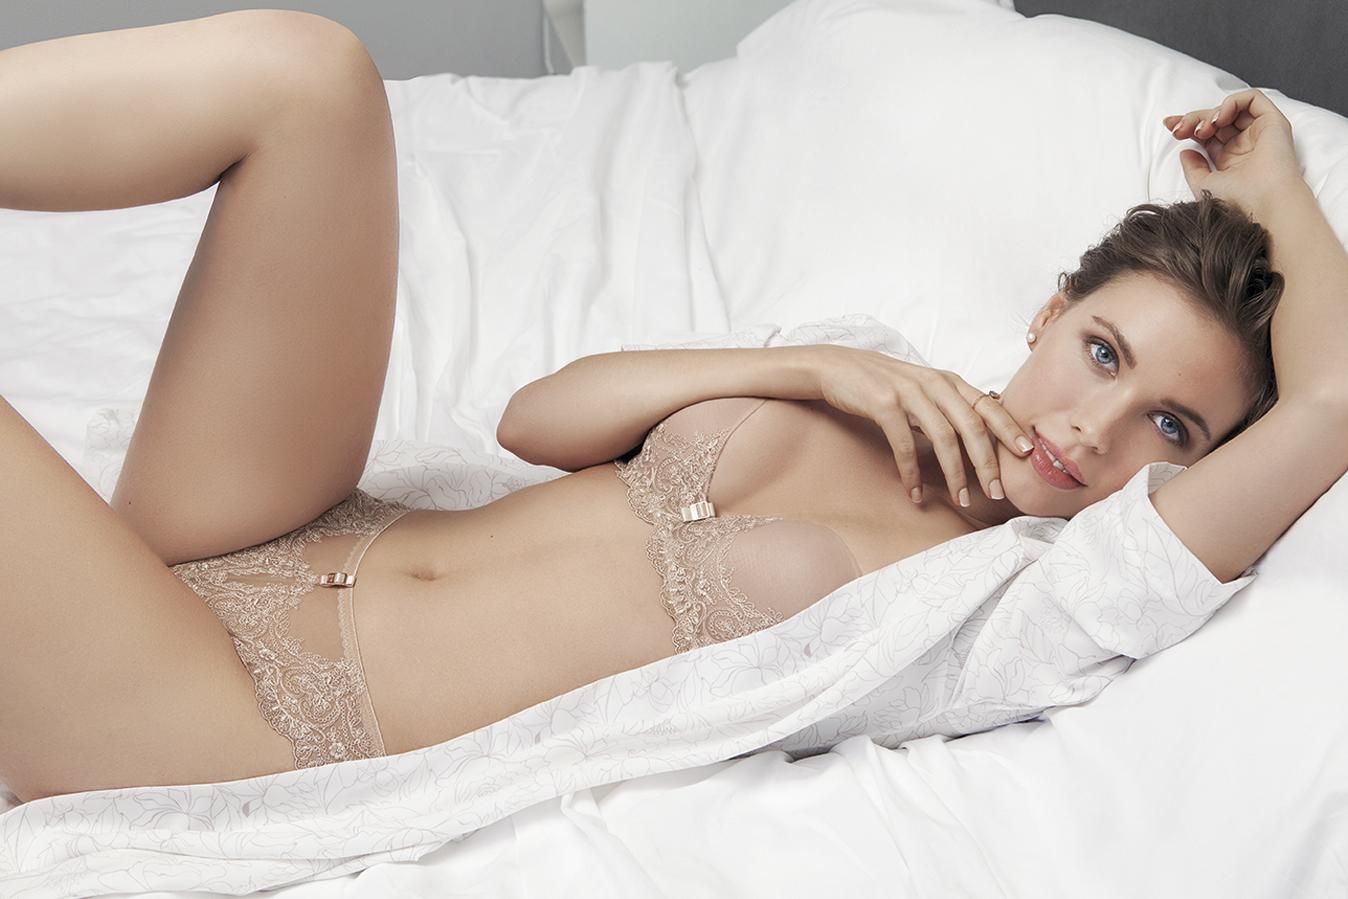 conjunto sujetador y braguita nude